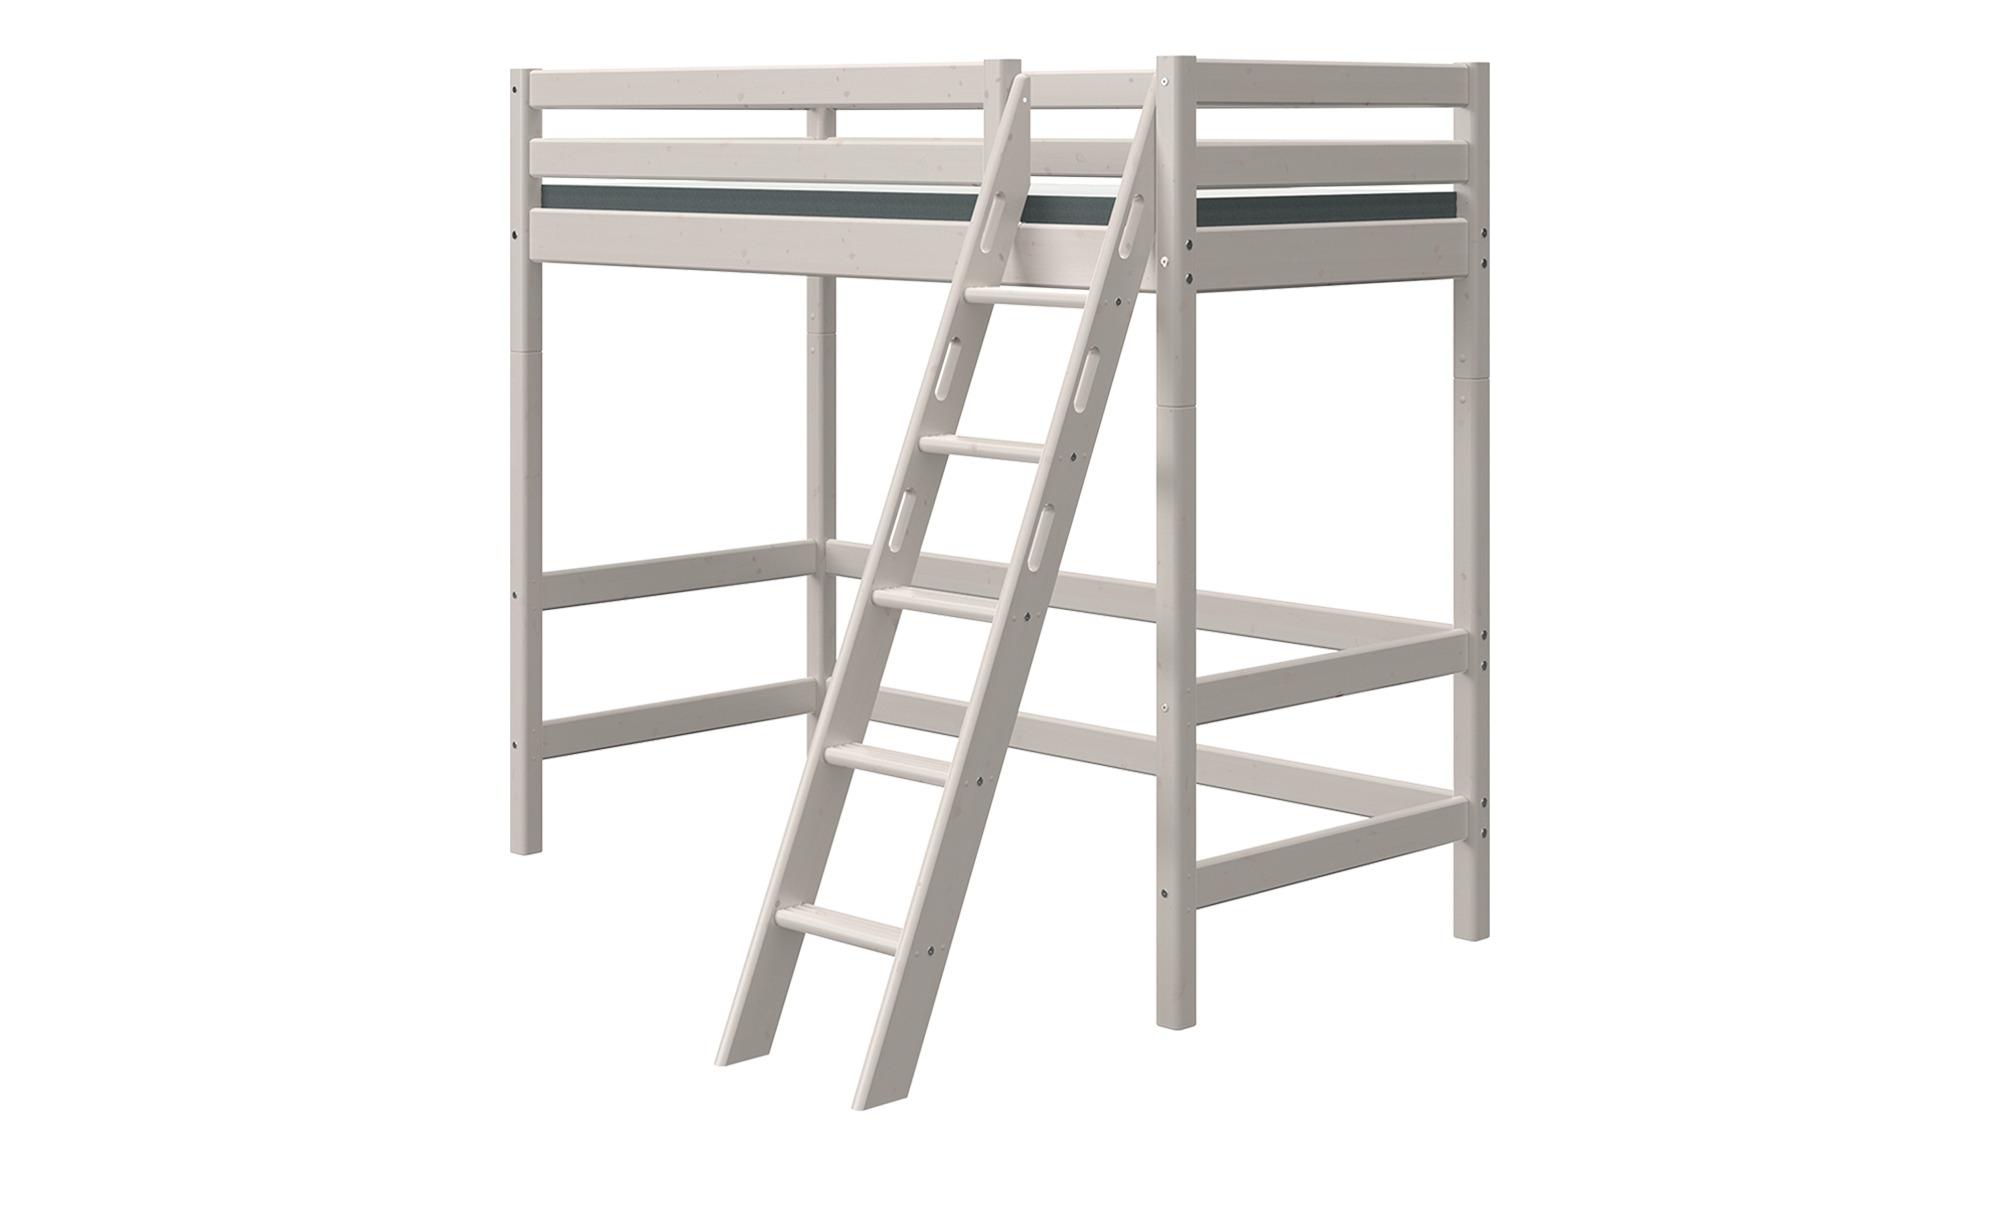 FLEXA Hochbett  Flexa Classic - grau - 179 cm - 184 cm - Kindermöbel > Kinderbetten > Hochbetten - Möbel Kraft